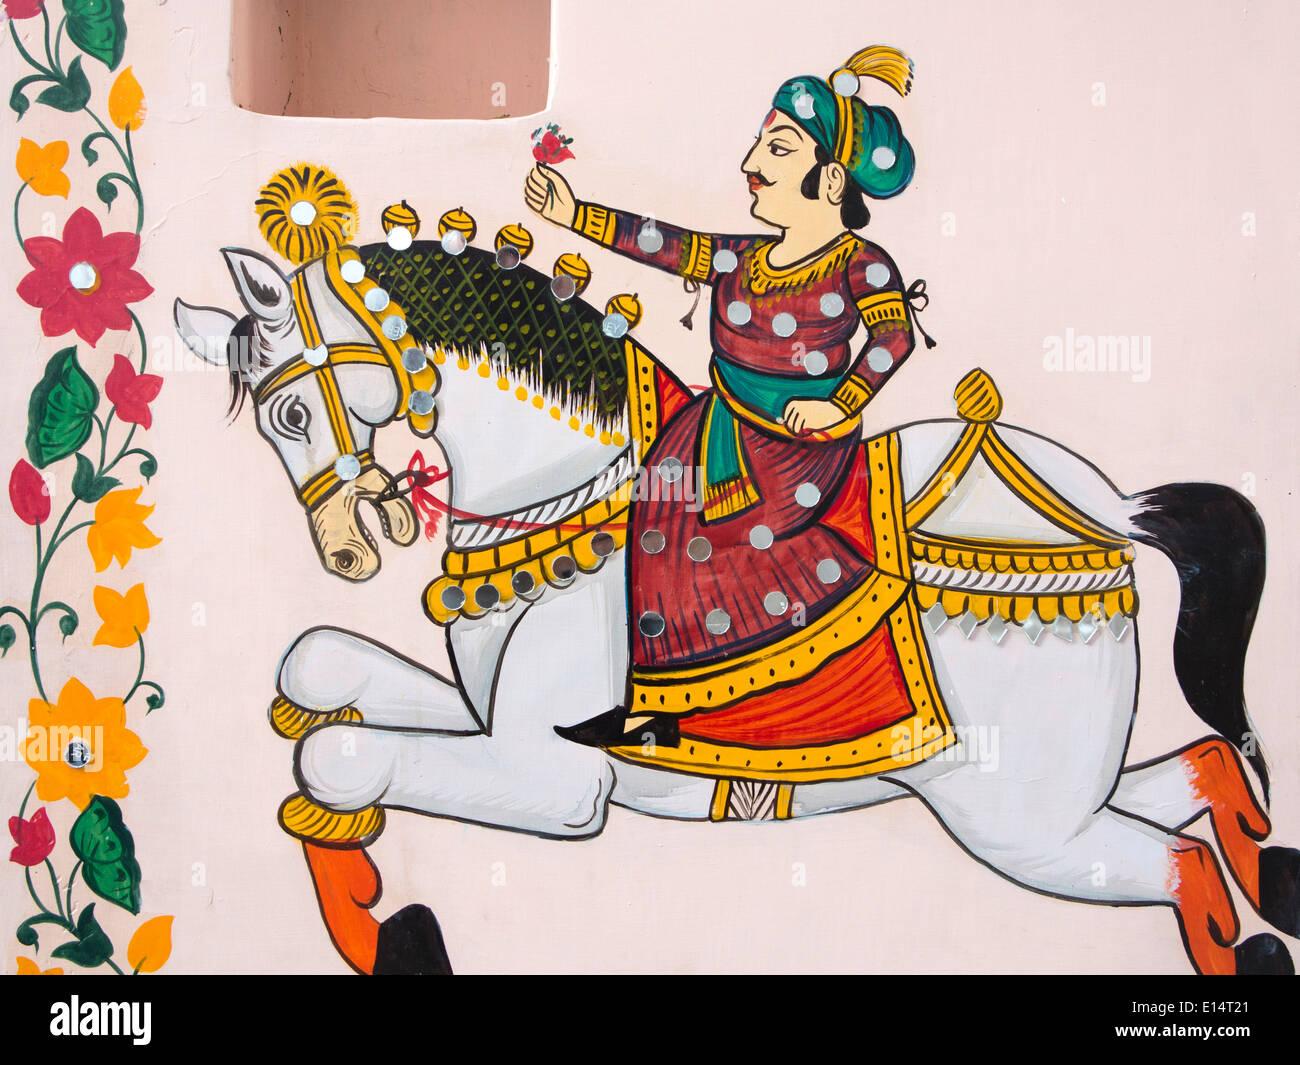 India Rajasthan, Udaipur, Rajasthani arte popolare, pittura murale di Rajput uomo a cavallo con fiore Immagini Stock